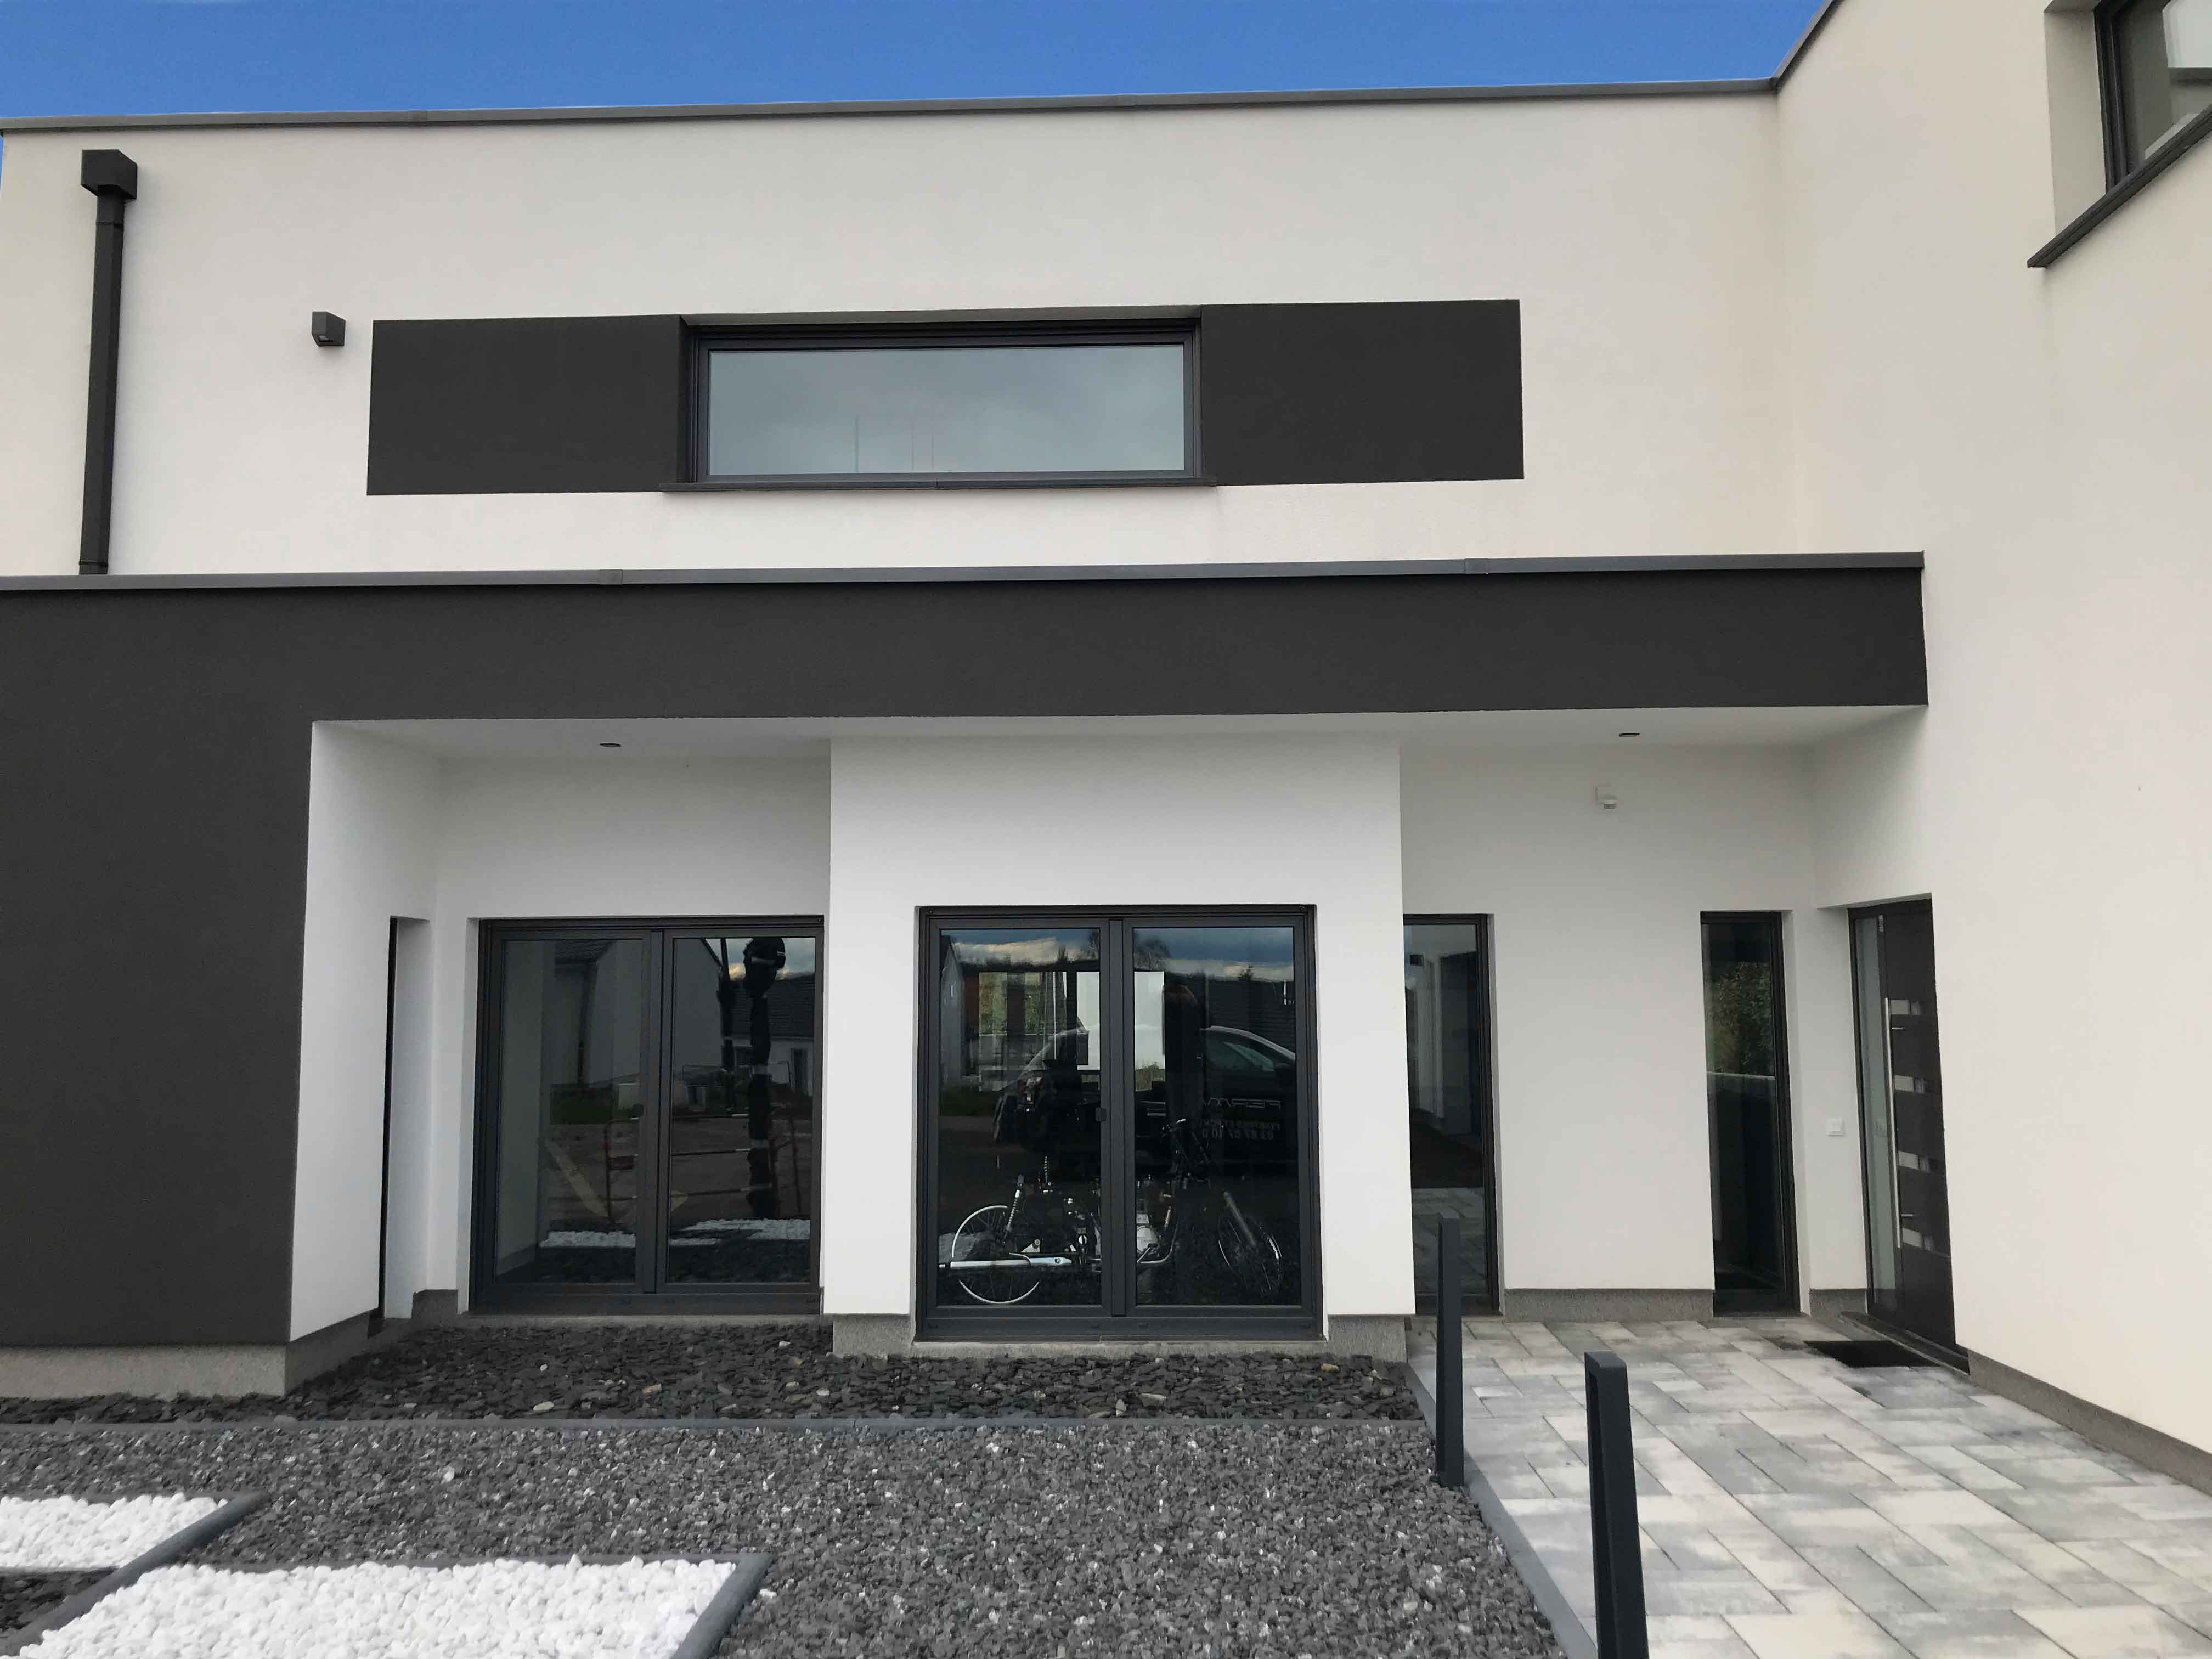 Maison neuve avec fenêtres 7016 FERMAP